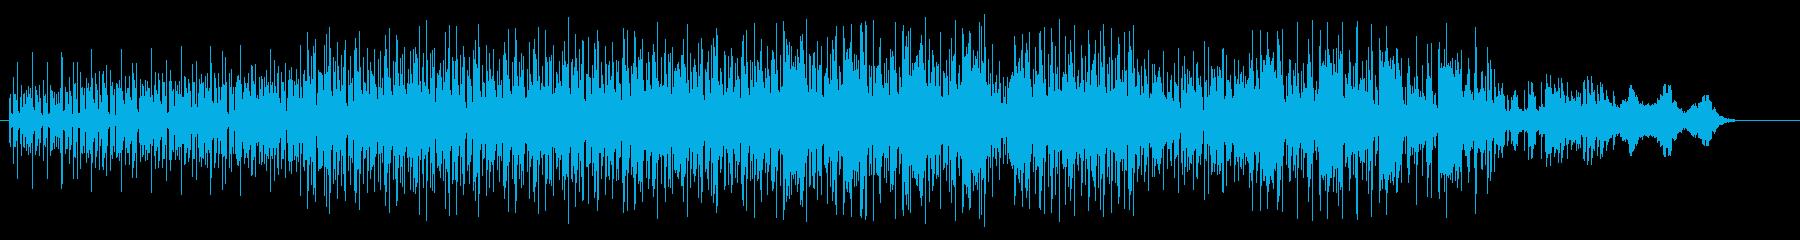 クラブ・シーンのマイナー・テクノ・ダンスの再生済みの波形